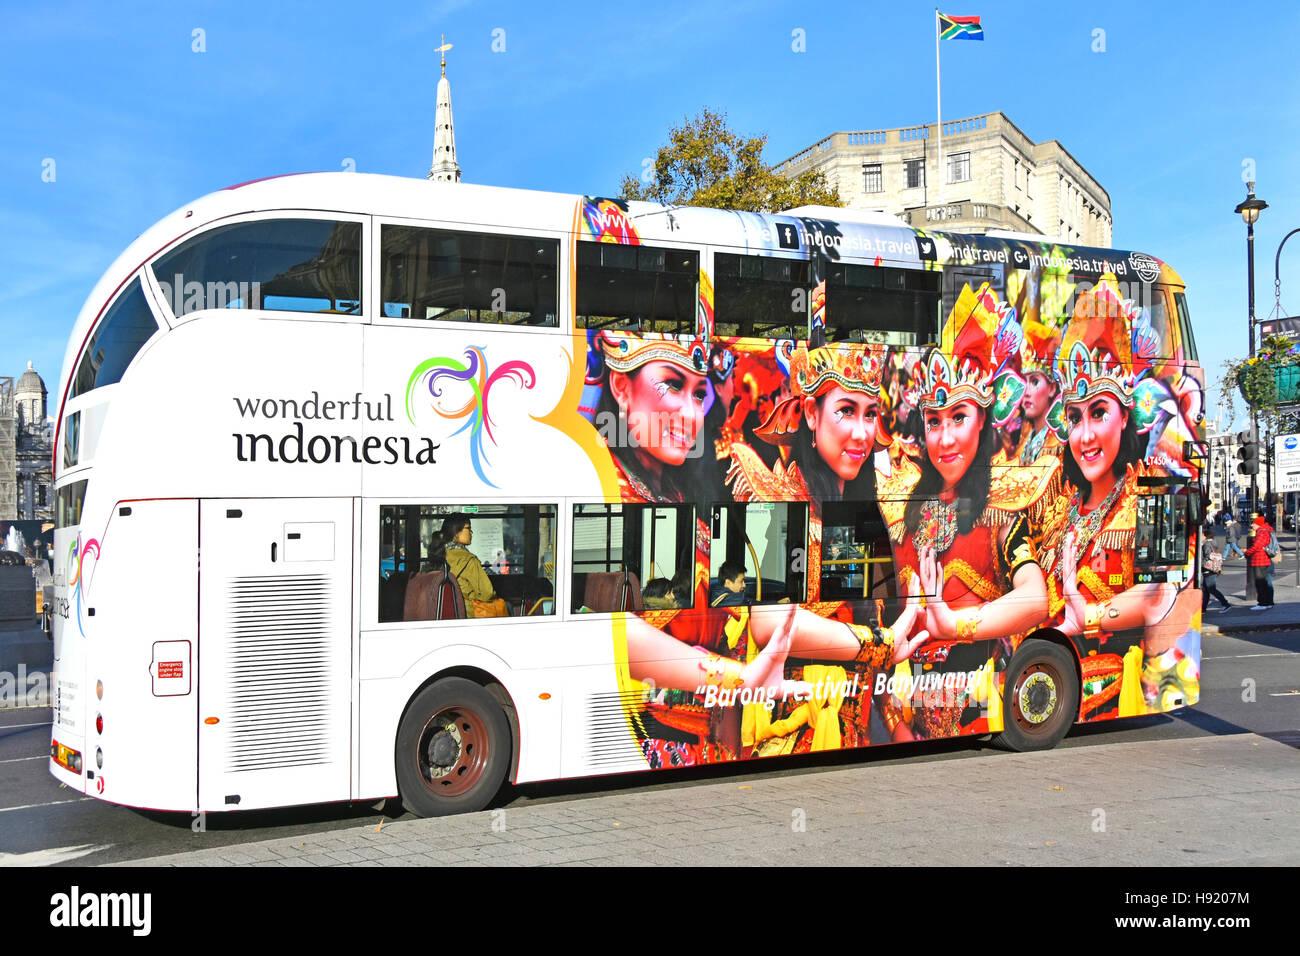 Bus à impériale de Londres Indonésie tourisme design graphique Publicité & promotion Barong Photo Stock